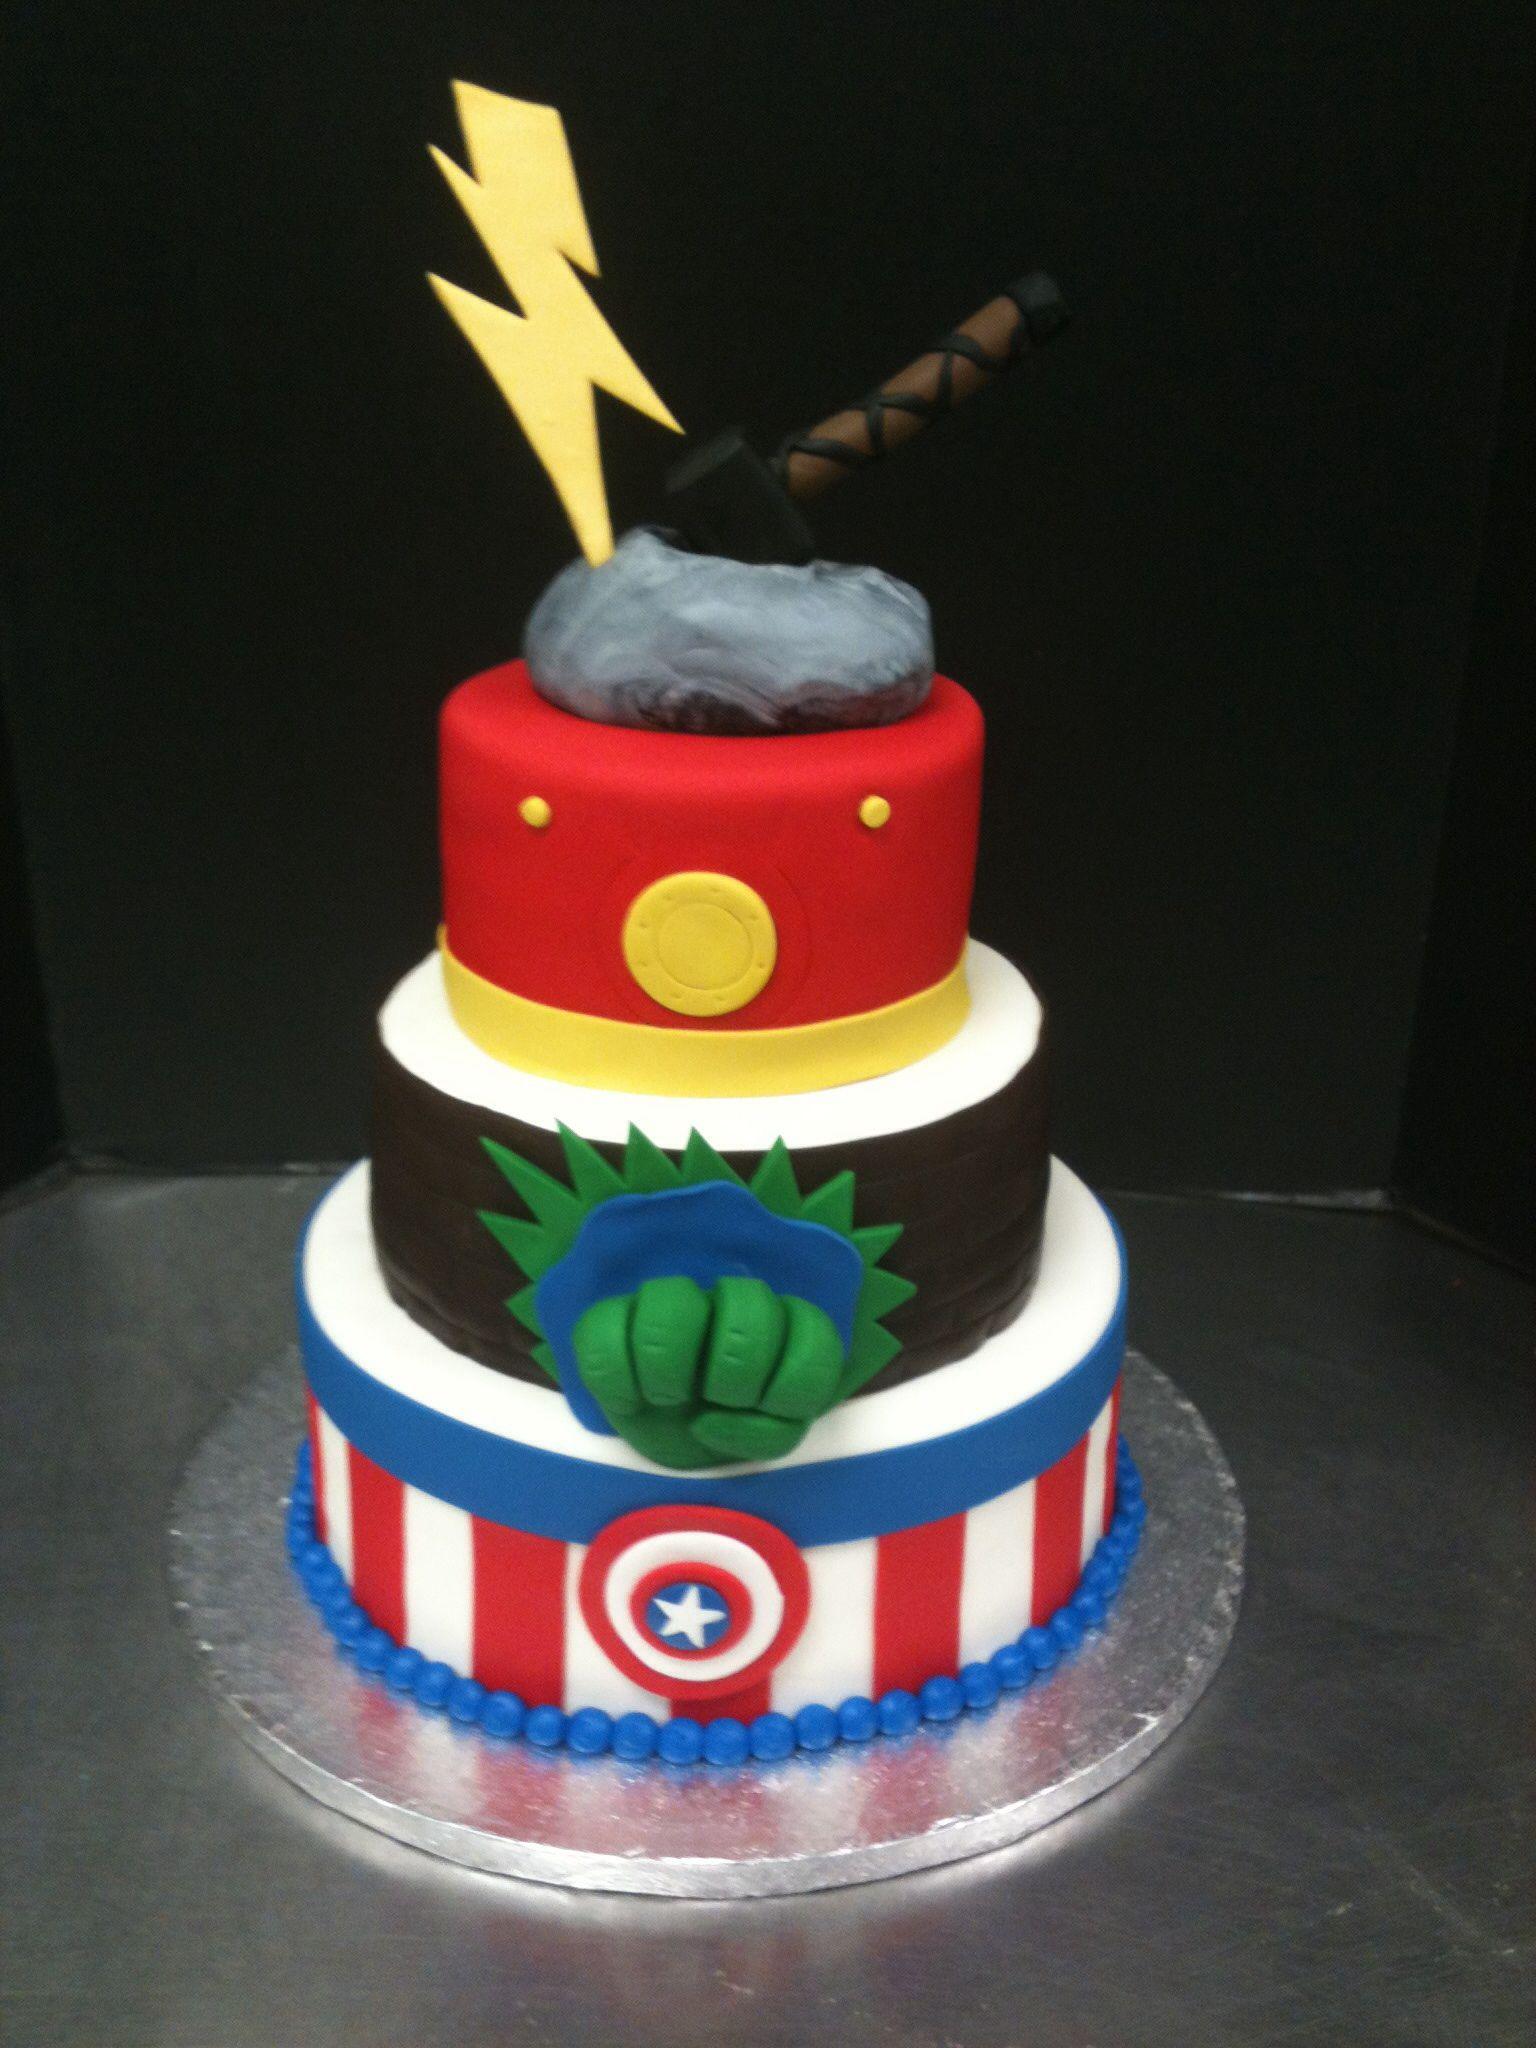 Cake Design Avengers : Avengers cake for the nugget Pinterest